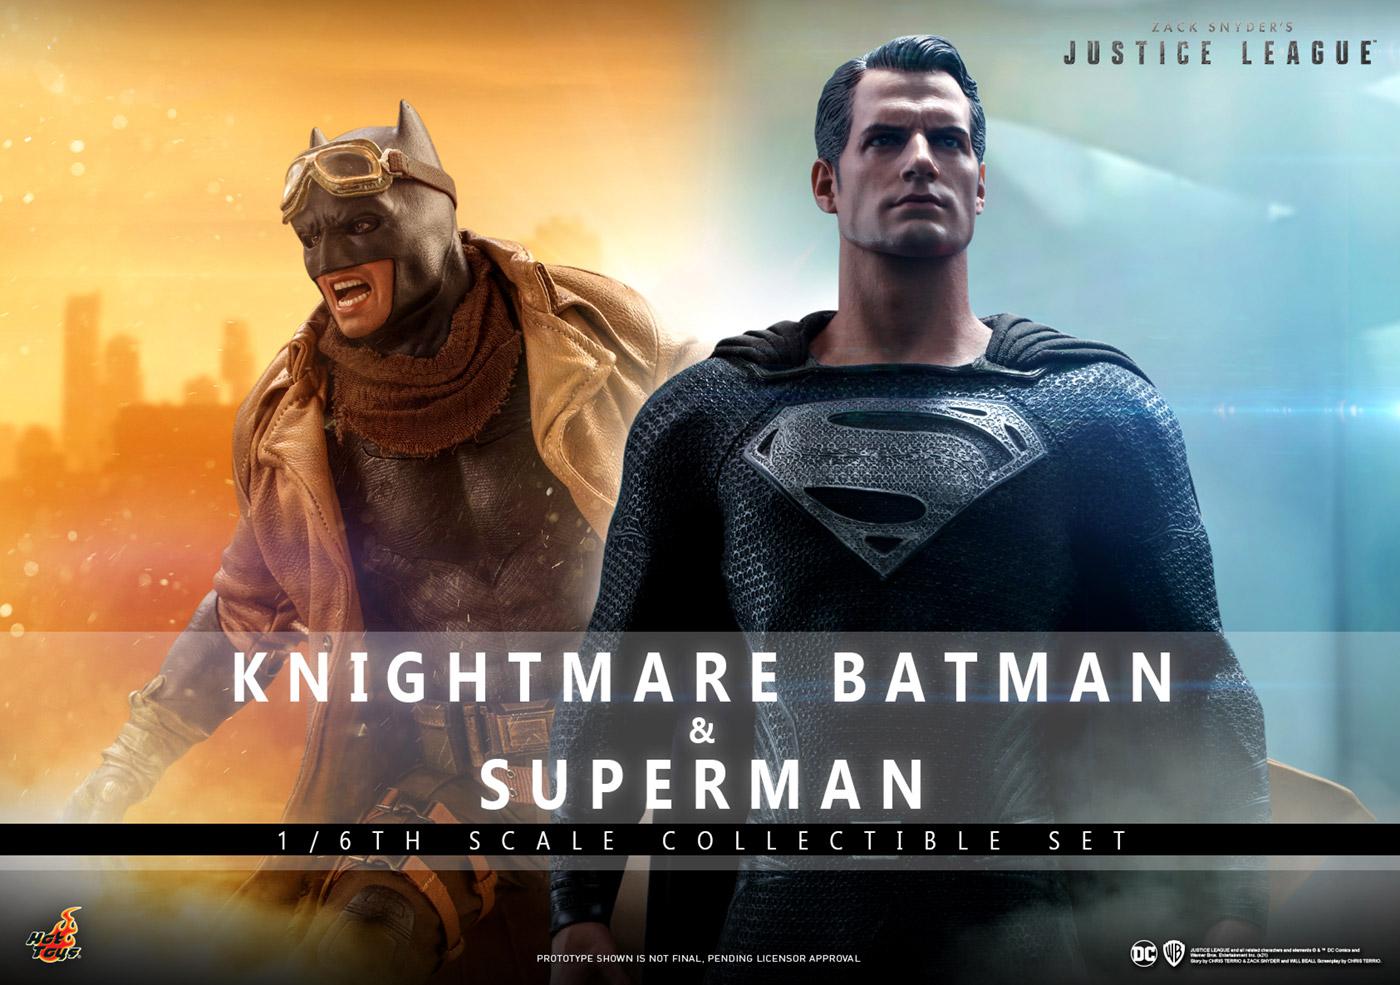 予約品 店 ホットトイズ テレビマスターピース TMS038 ジャスティスリーグ:ザック 人気激安 スナイダーカット スーパーマン 2体セット バットマン 一般流通分 ナイトメア